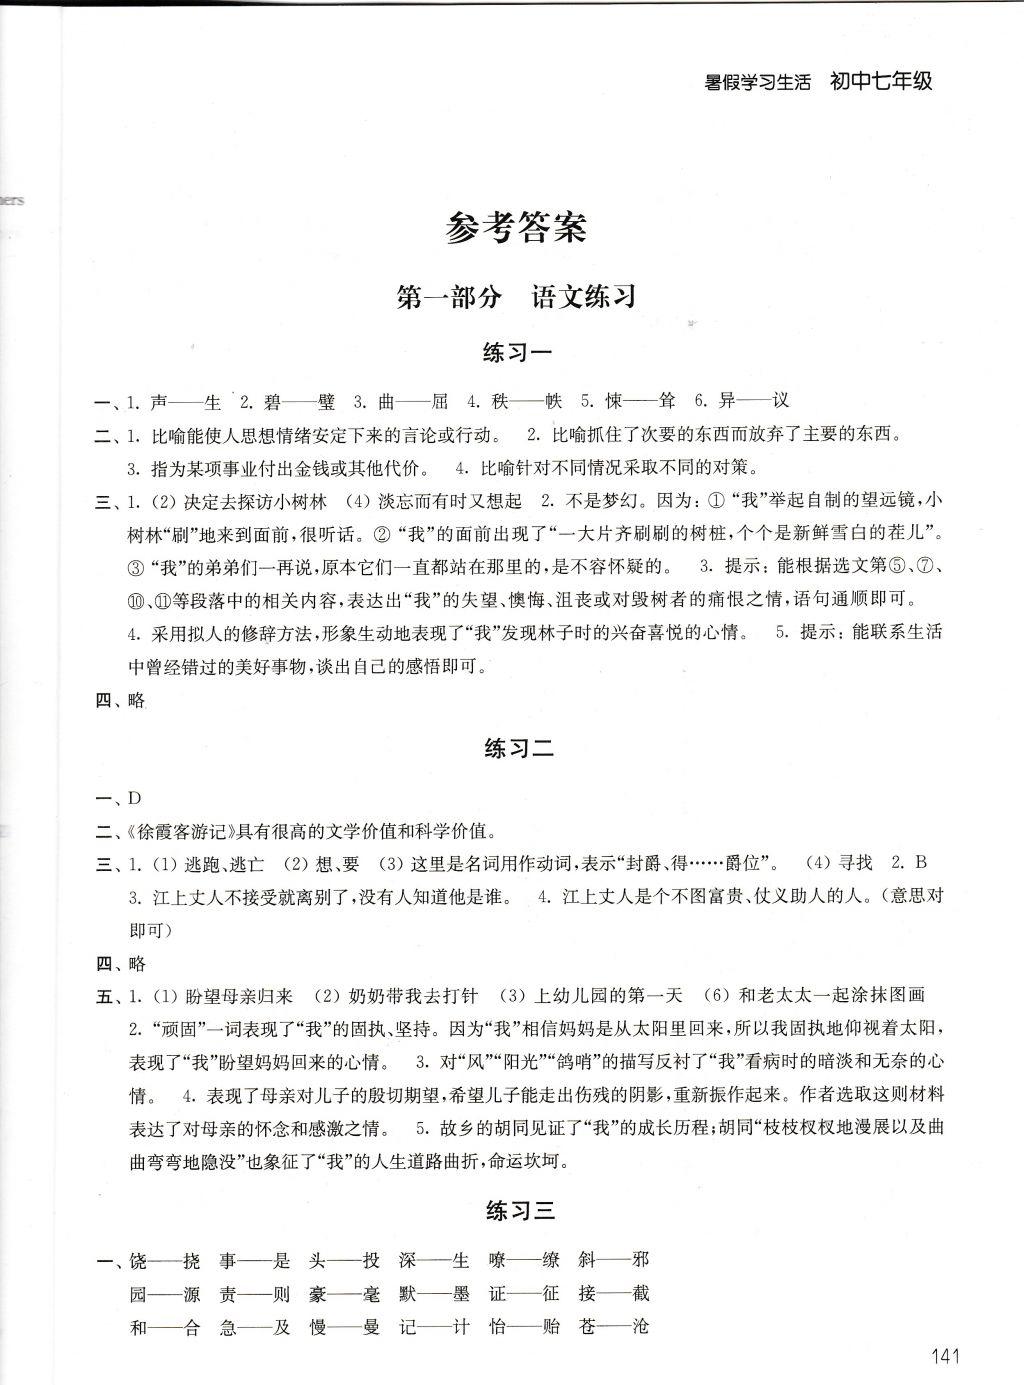 2017年暑假学习生活初中七年级译林出版社参考答案第1页